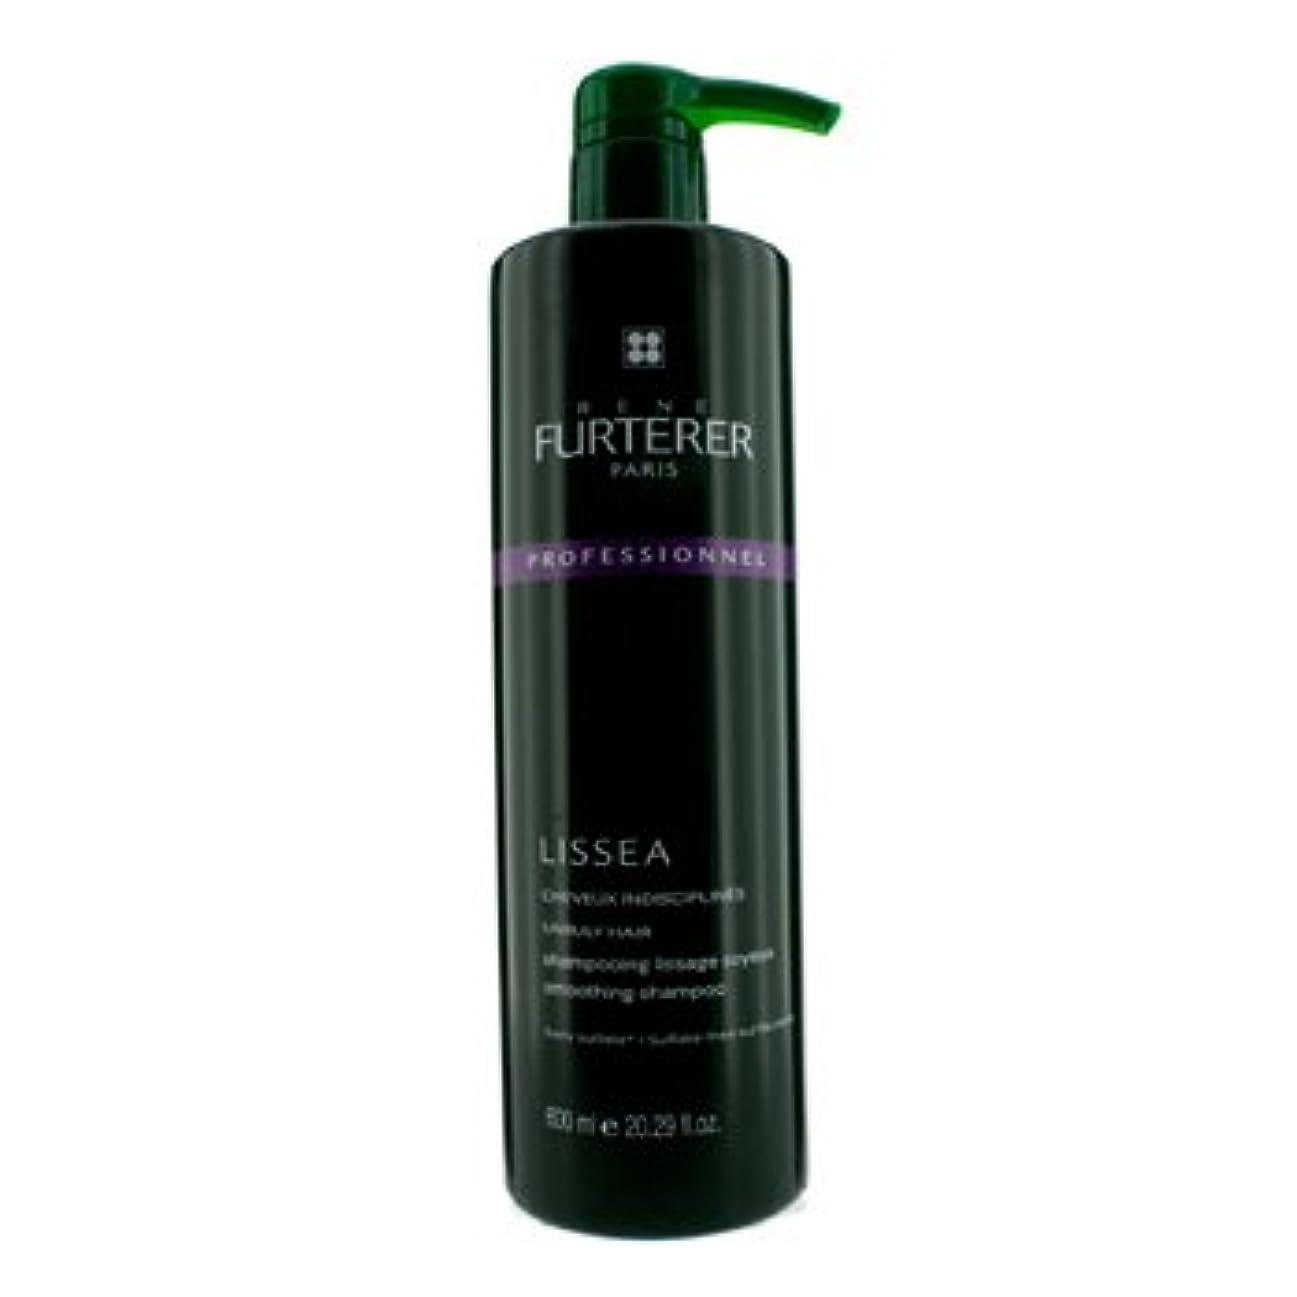 とらえどころのない首トンネル[Rene Furterer] Lissea Smoothing Shampoo - For Unruly Hair (Salon Product) 600ml/20.29oz